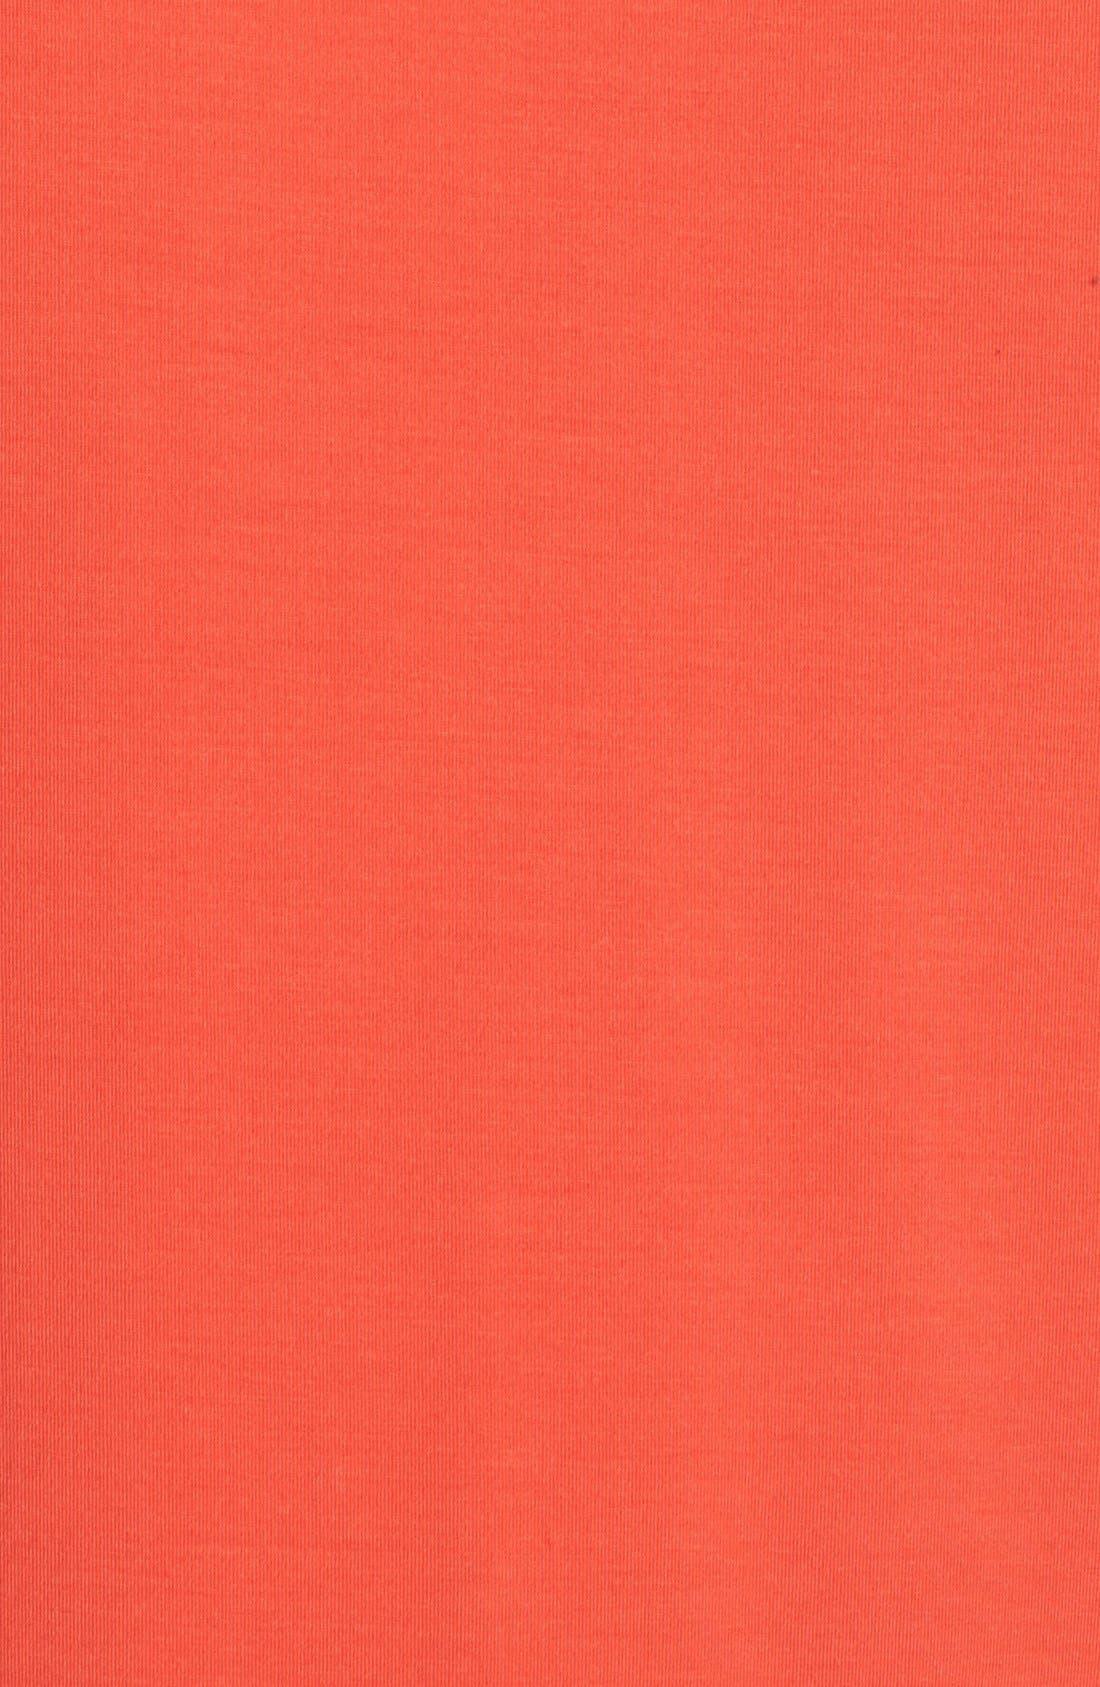 Three-Quarter Sleeve Tee,                             Alternate thumbnail 32, color,